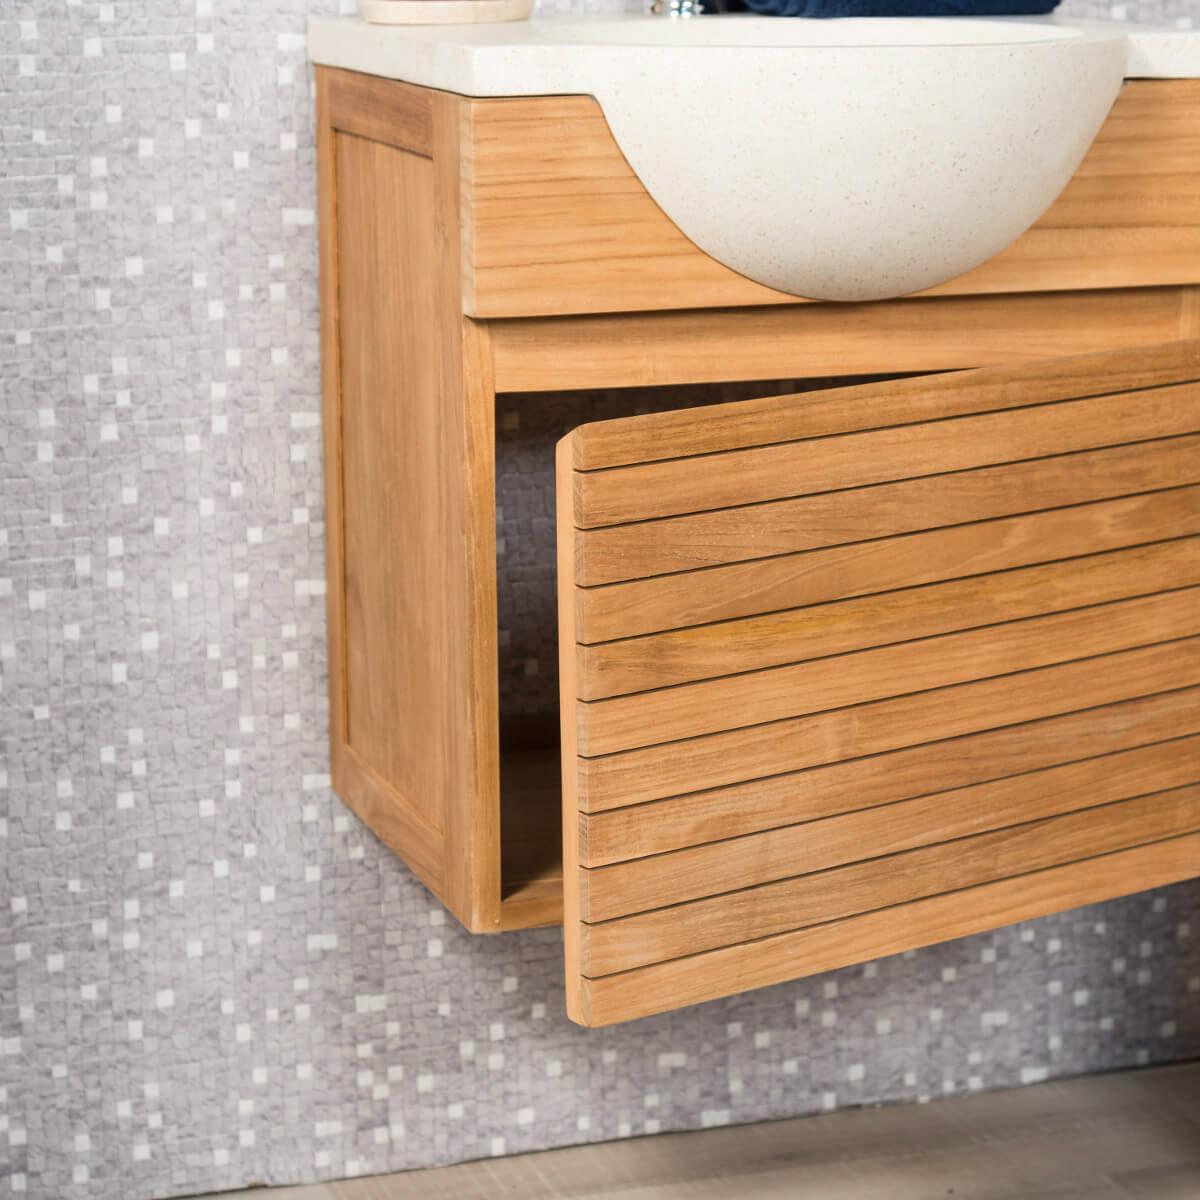 Meuble sous vasque simple vasque en bois teck massif contemporain rectangle cr me l 50 cm - Meuble de salle de bain contemporain ...